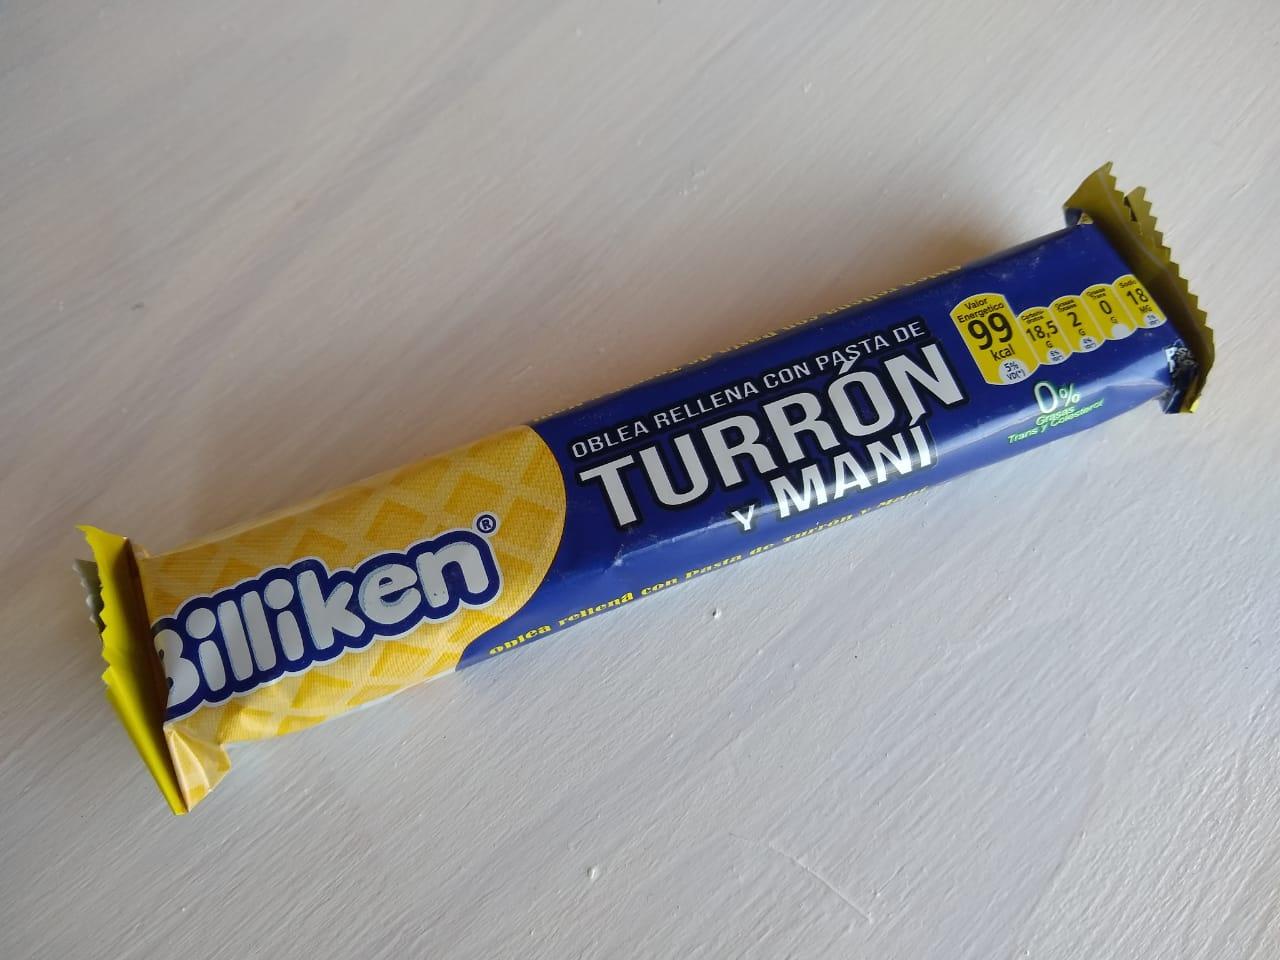 Billiken se lanzó a competir en el mercado del turrón de maní con un precio imbatible